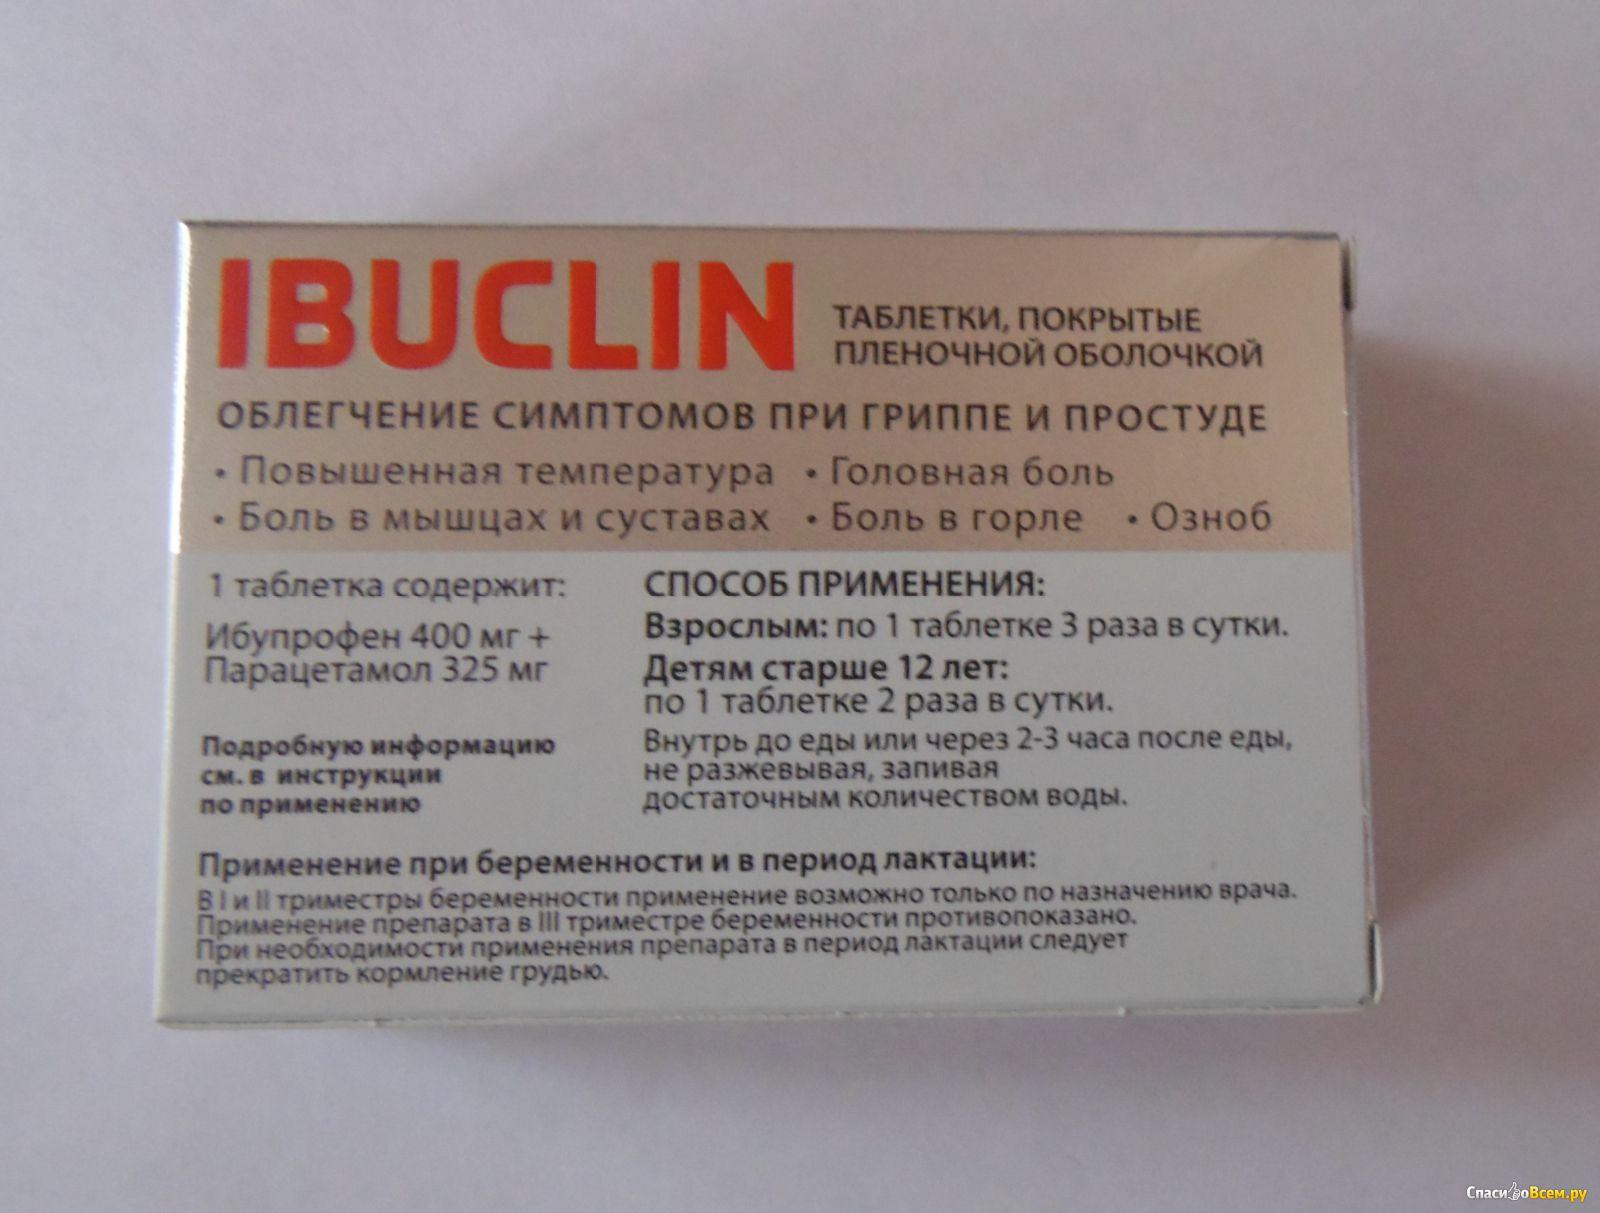 Ибуклин сироп для детей фото